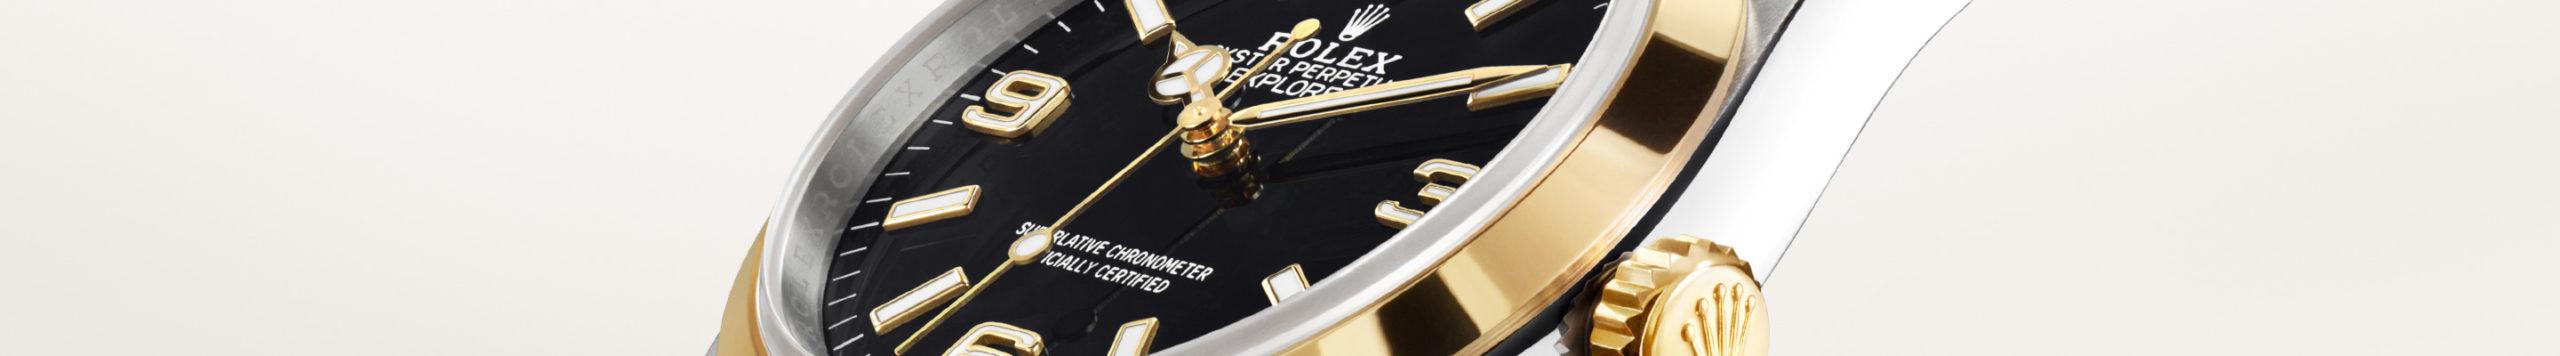 Rolex new 2021 watches Rabino